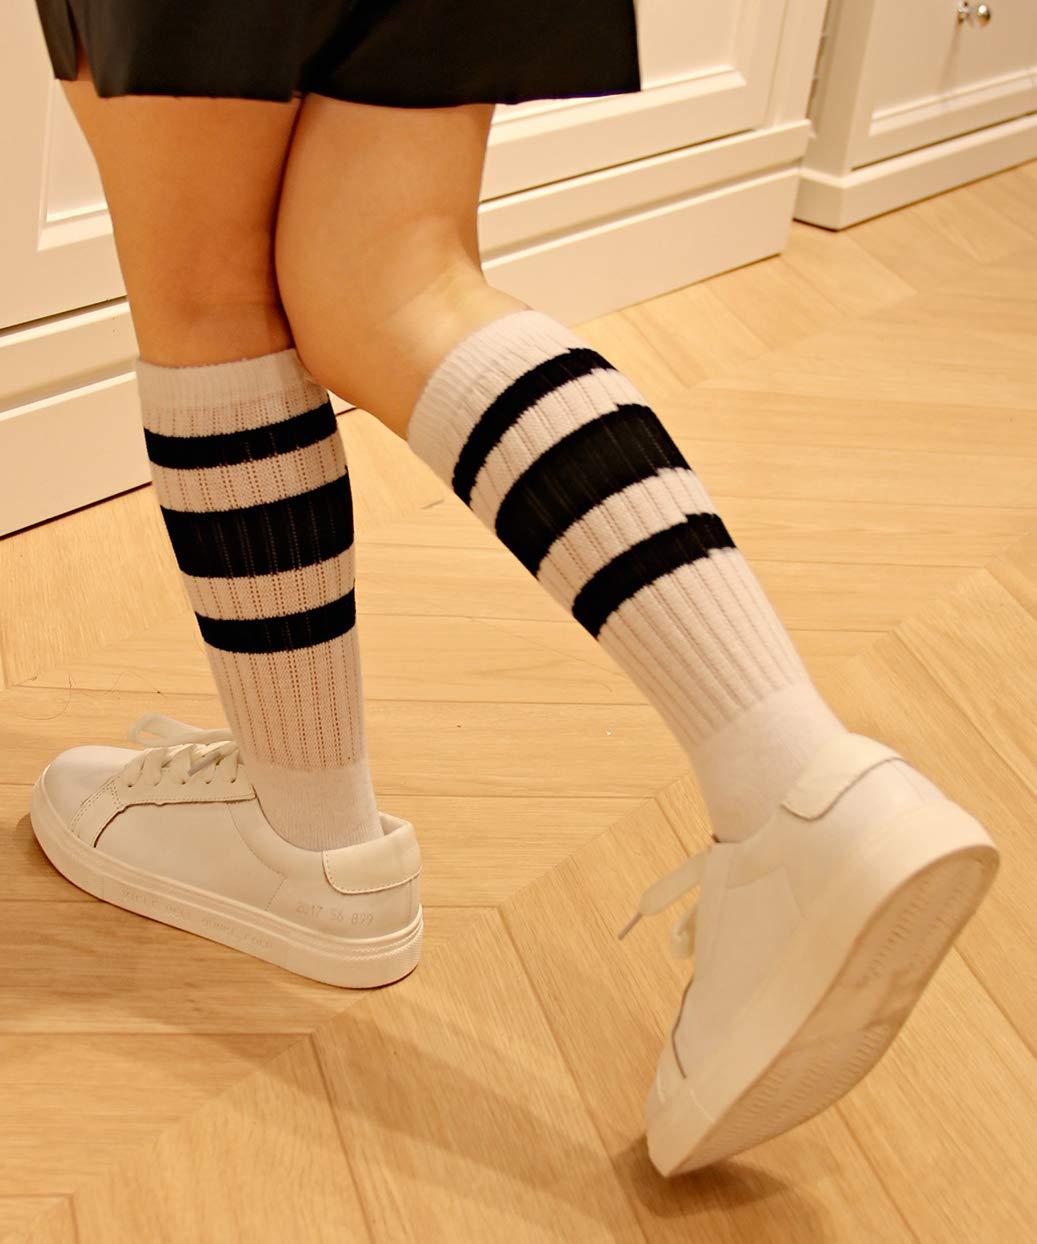 Baby Black/&White/&White,13.5in//34cm Toddler /& Child 3 Pairs Girls Knee High Tube Socks for Boys 4-8Years